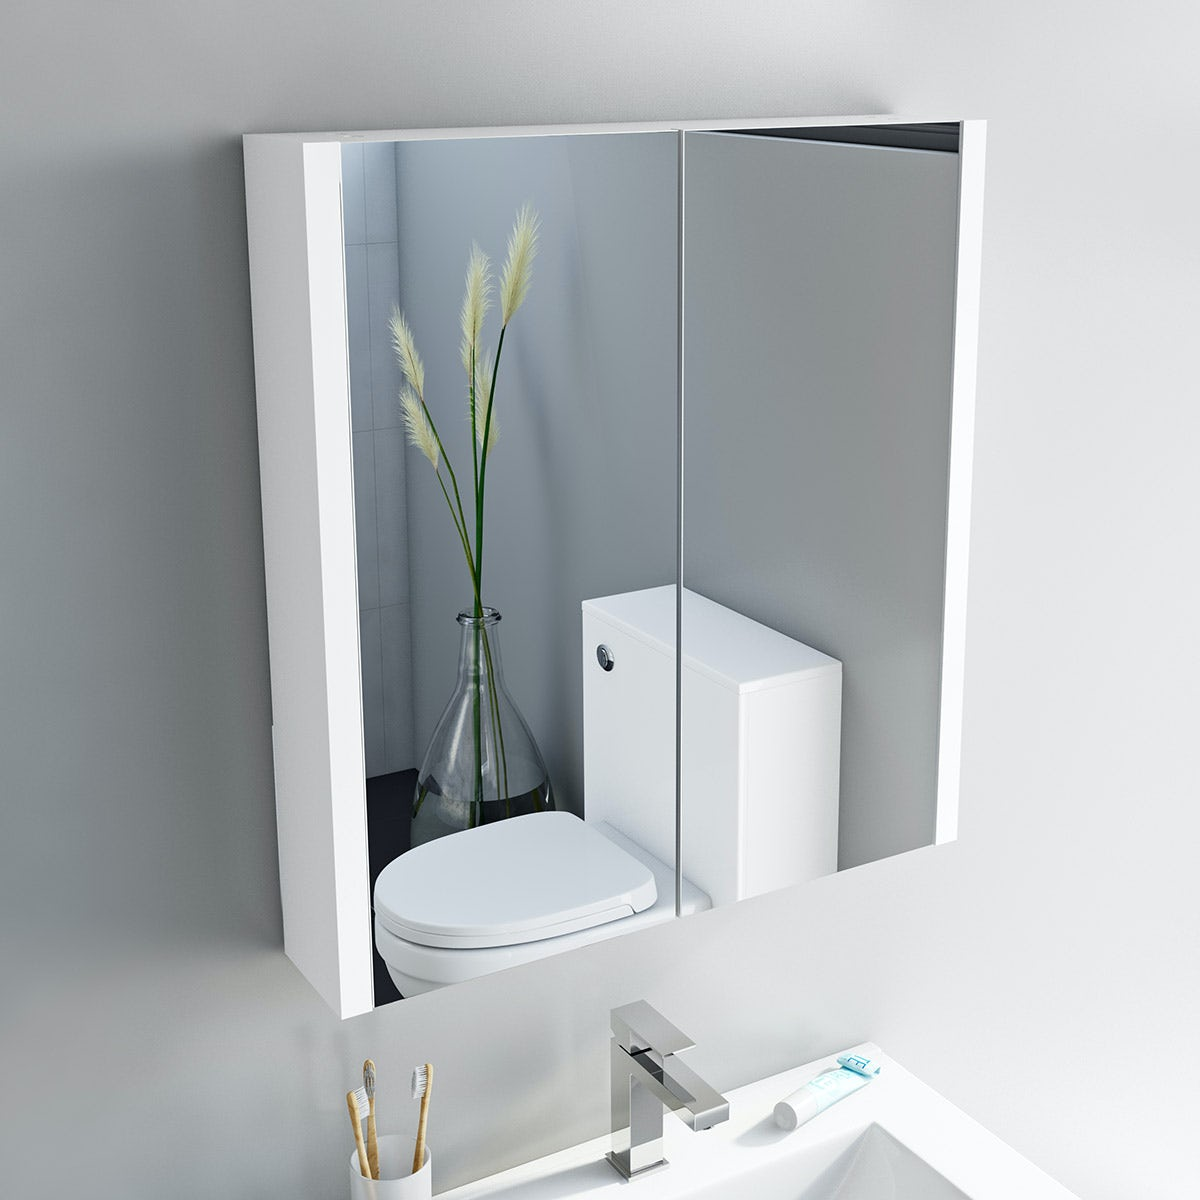 Orchard Derwent white 2 Door mirror cabinet | VictoriaPlum.com